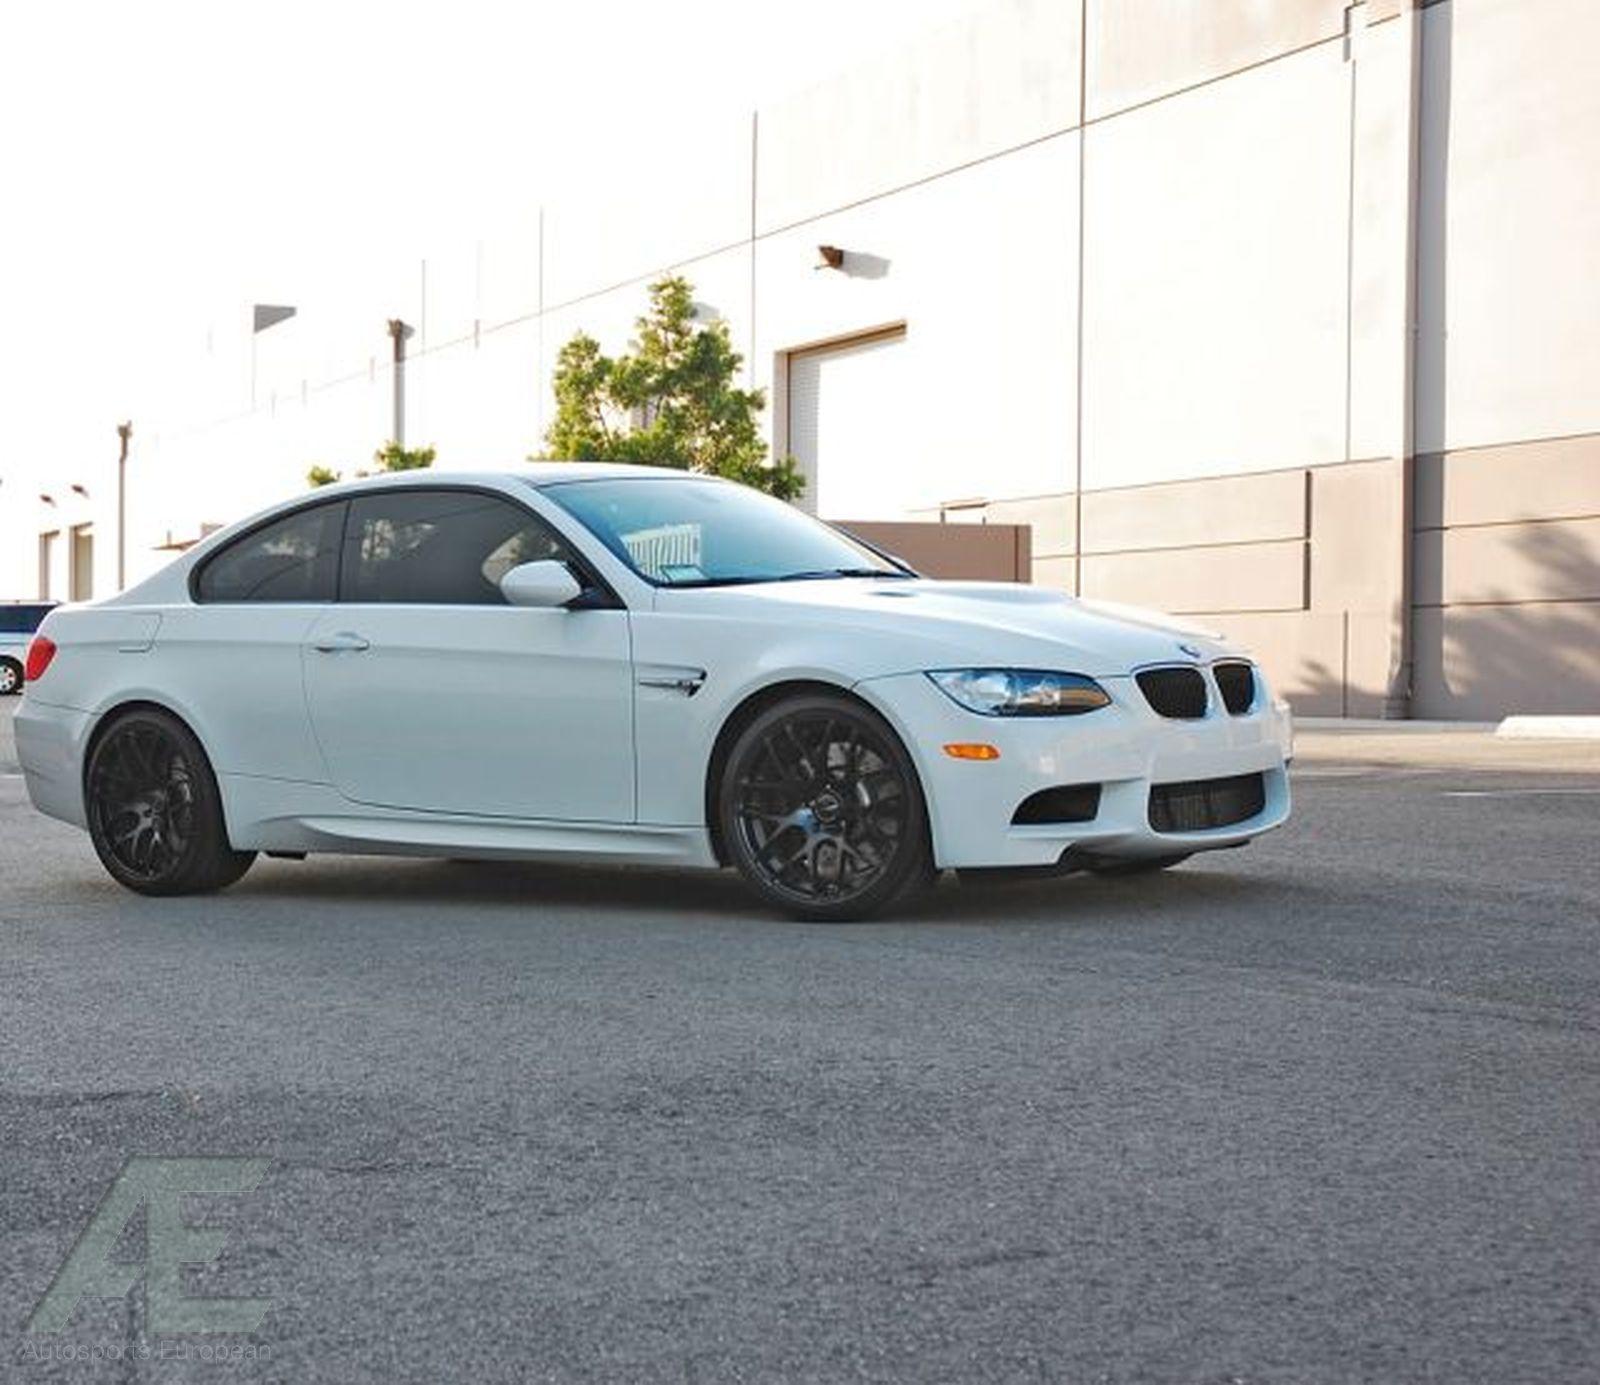 22 BMW Wheels Rim Tires 750i 750LI 760i 760LI x5 x6 M